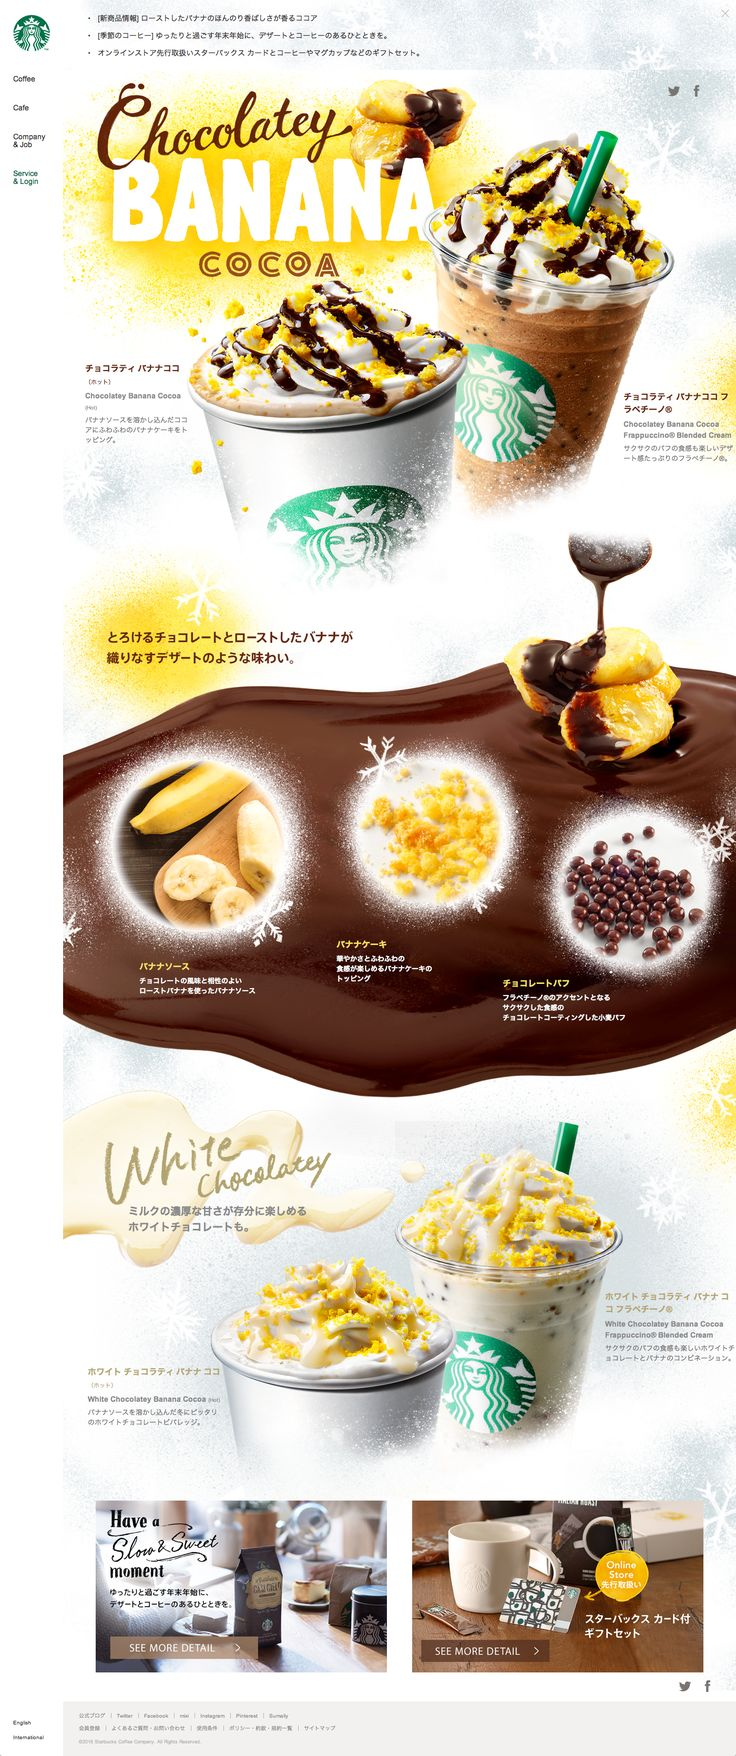 [新商品情報] チョコラティ バナナ ココ|スターバックス コーヒー ジャパン